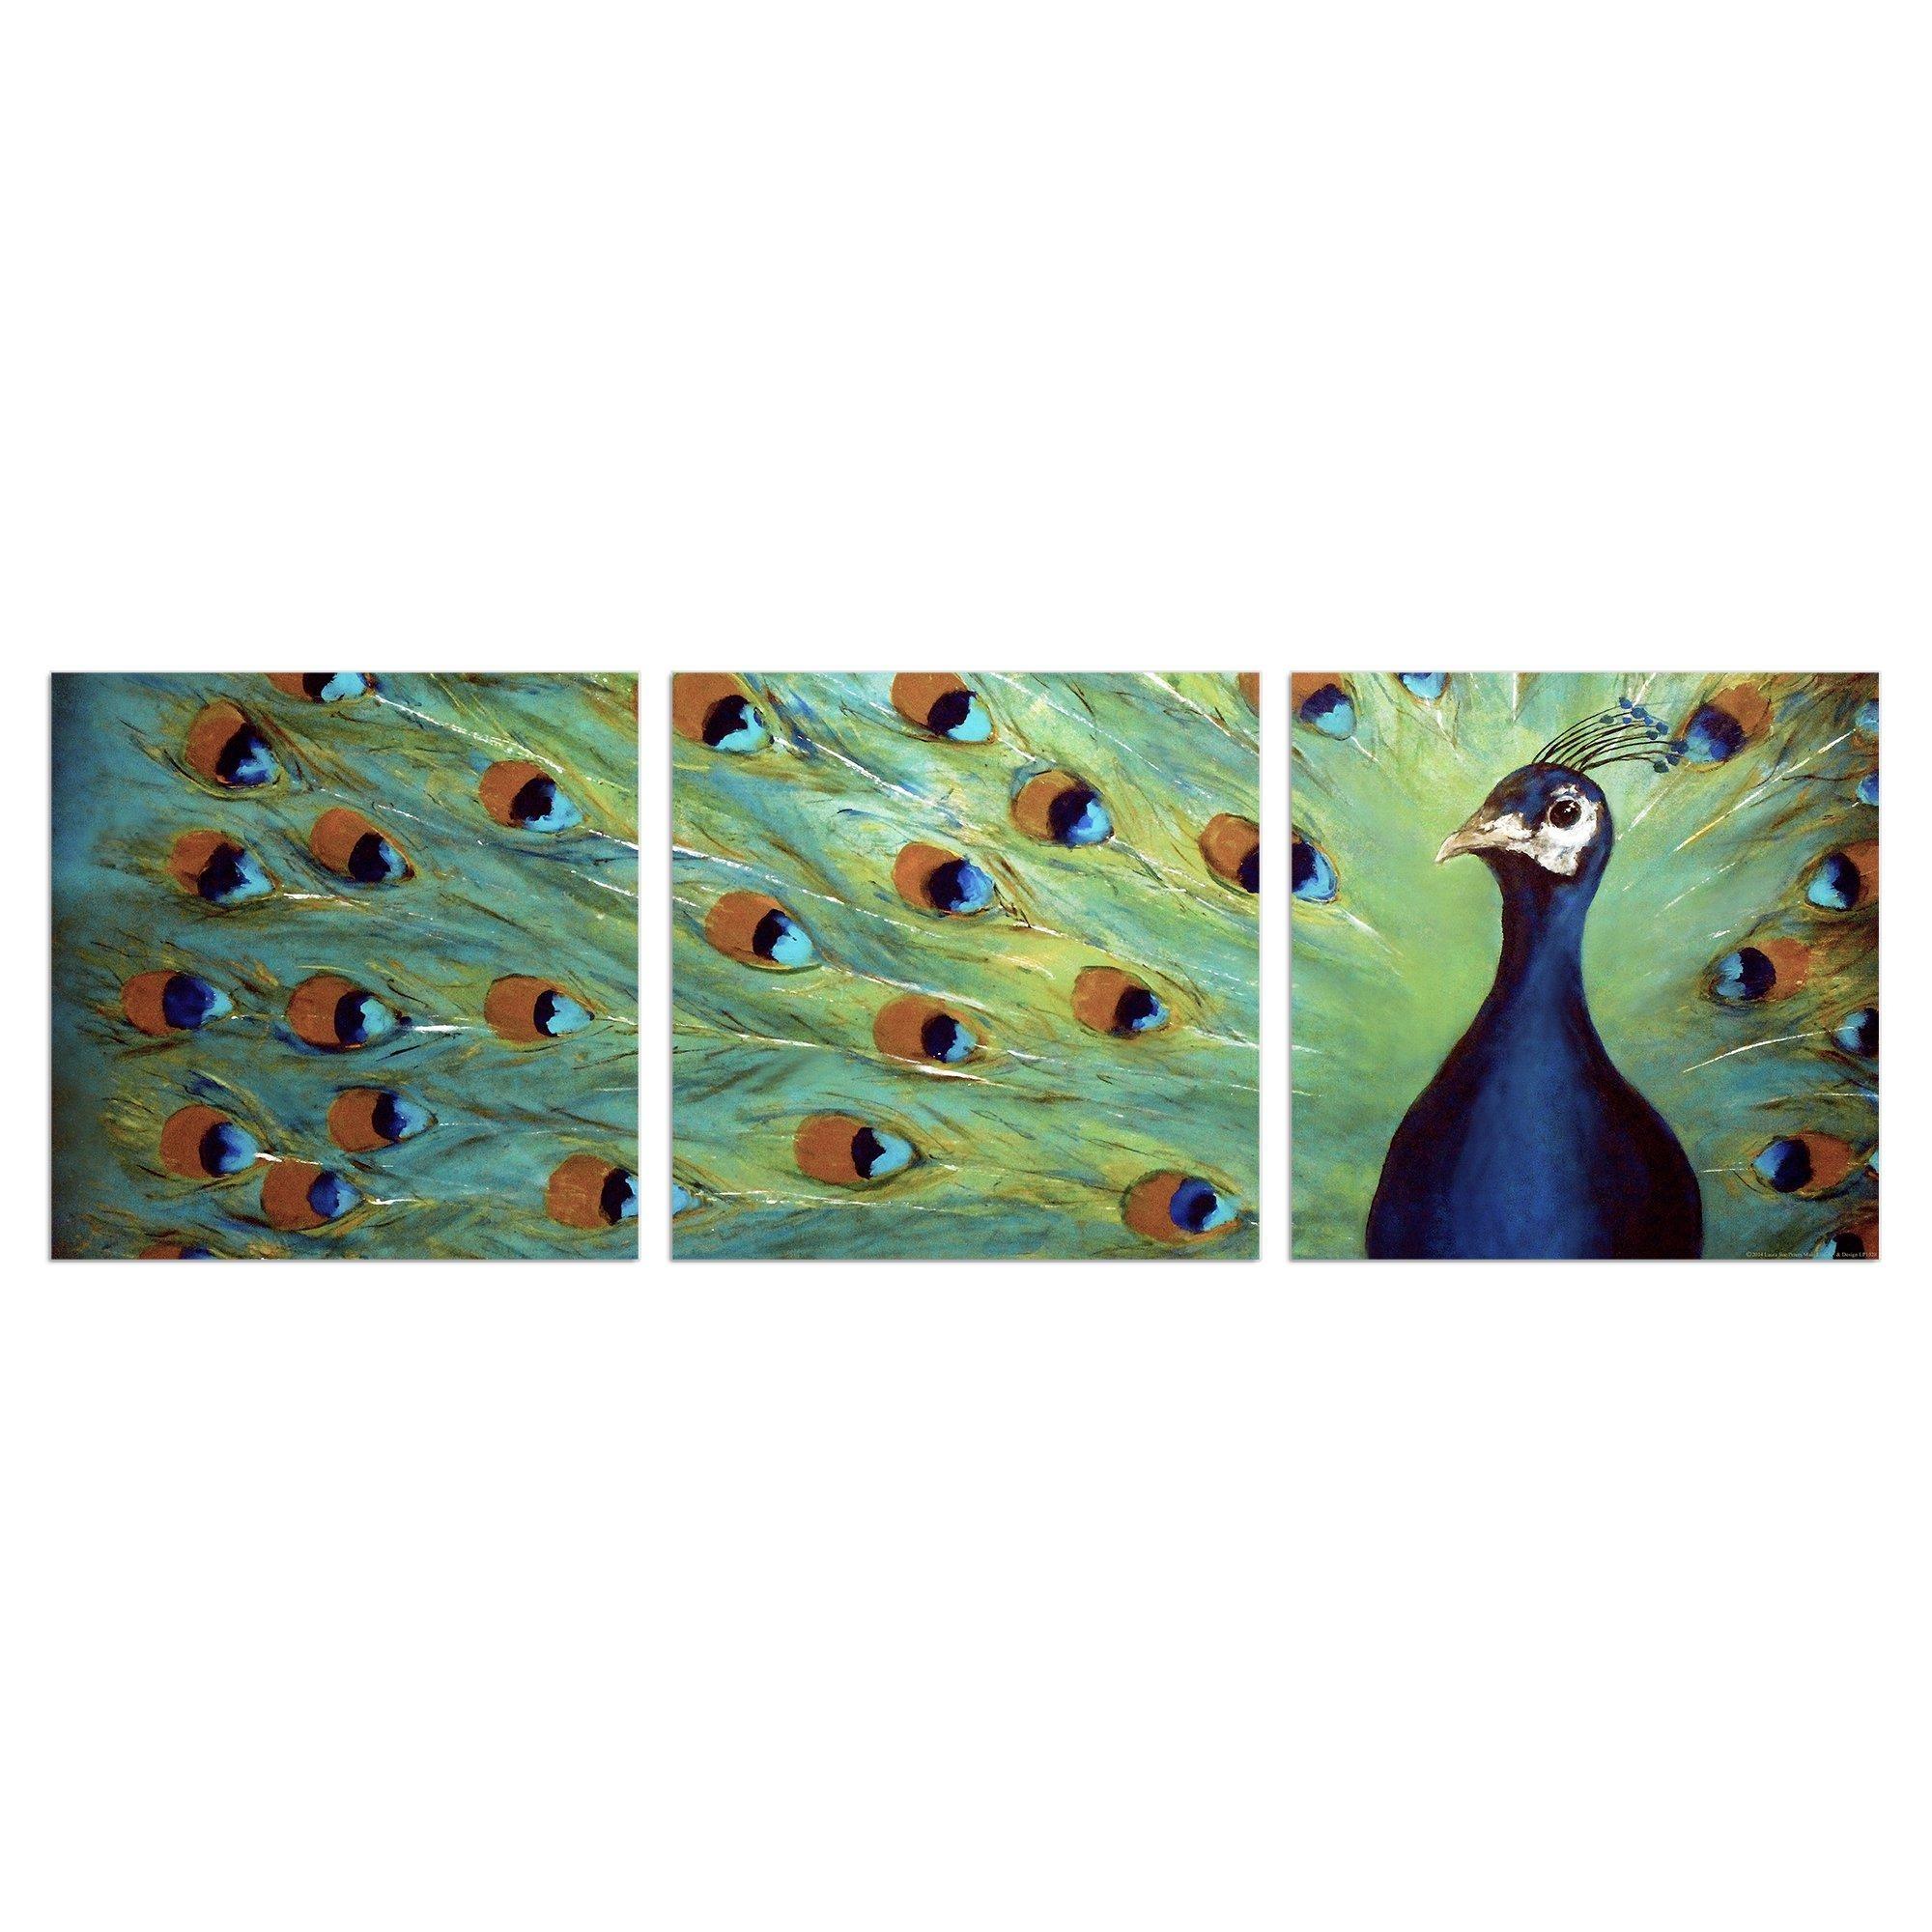 3 Piece Canvas Wall Art | Roselawnlutheran pertaining to 3 Piece Canvas Wall Art Sets